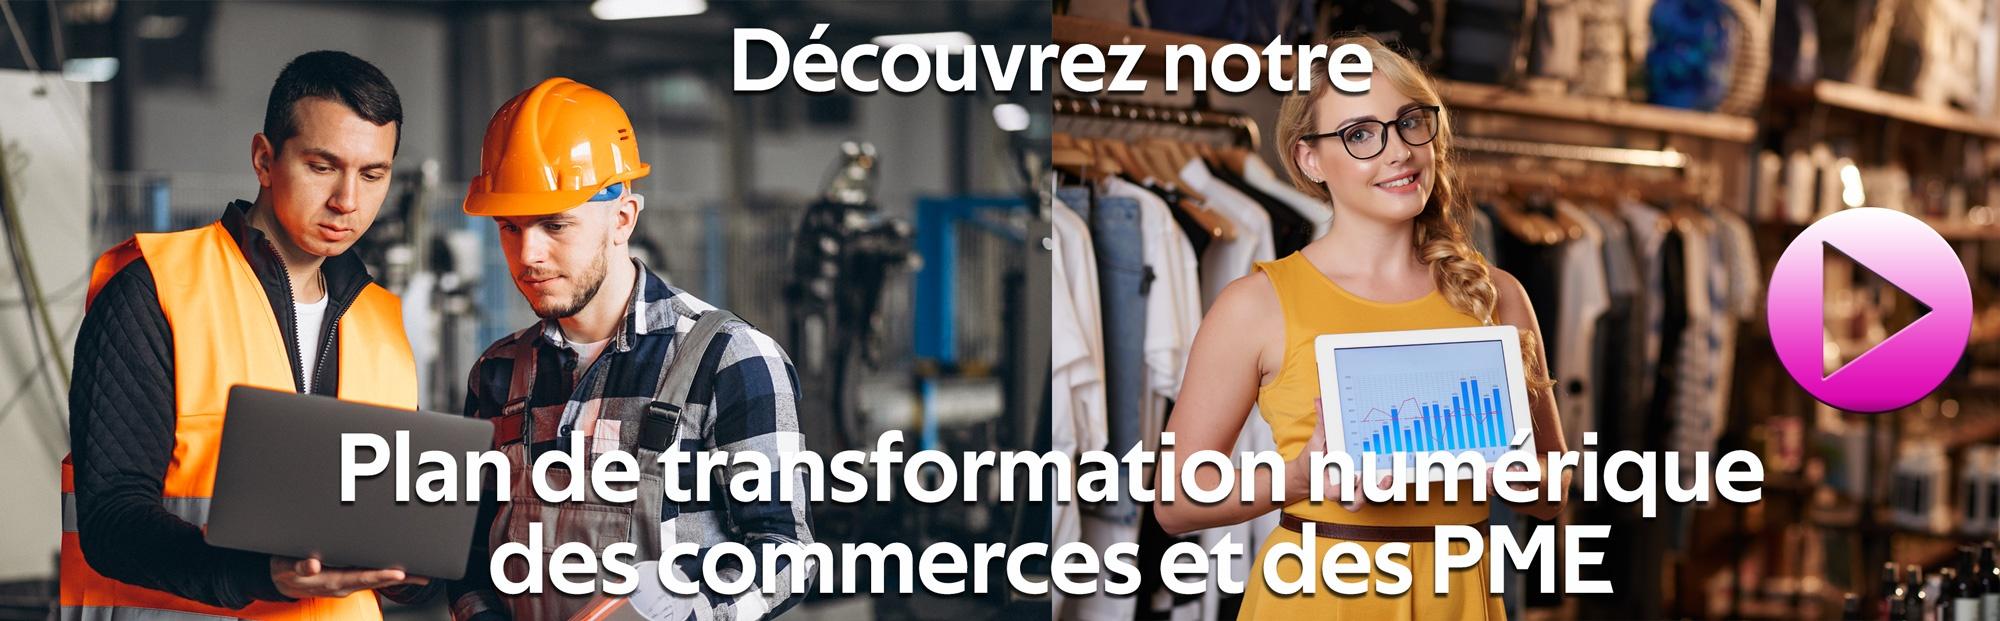 Plan de transformation numérique des commerces et des PME Rouen Normandie Paris Ile-de-France